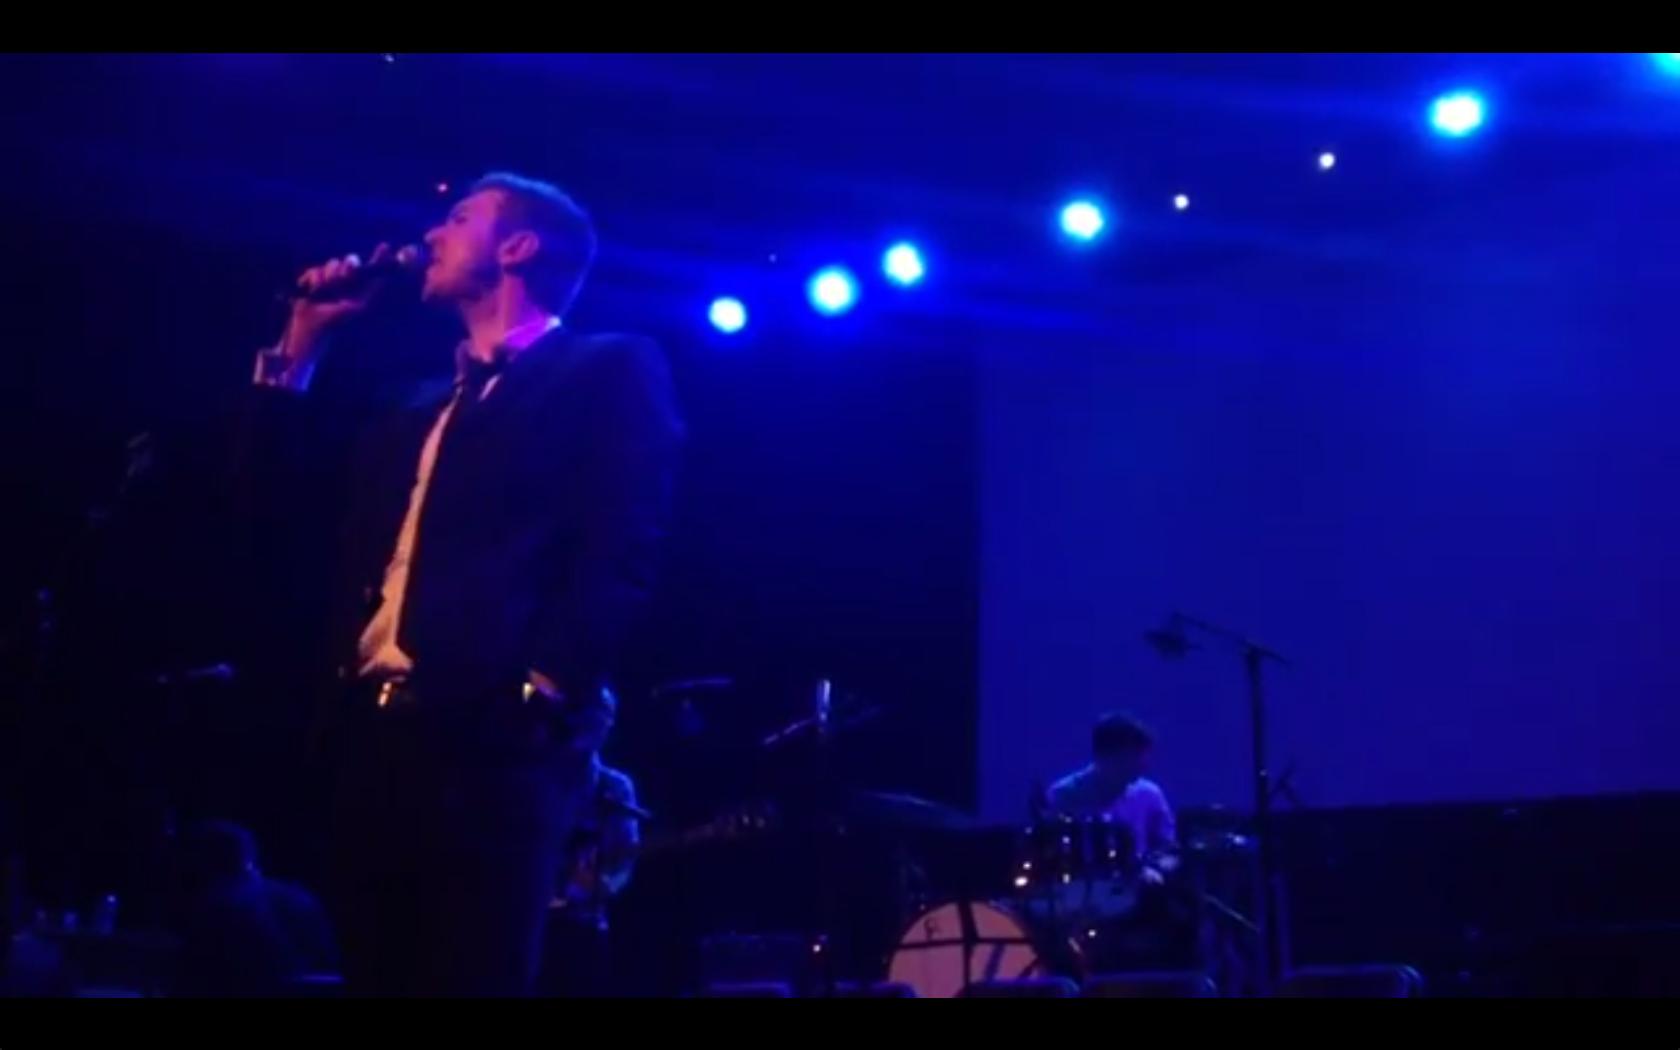 Watch Video From The Walkmen's Last Pre-Hiatus Show In Philly Last Night